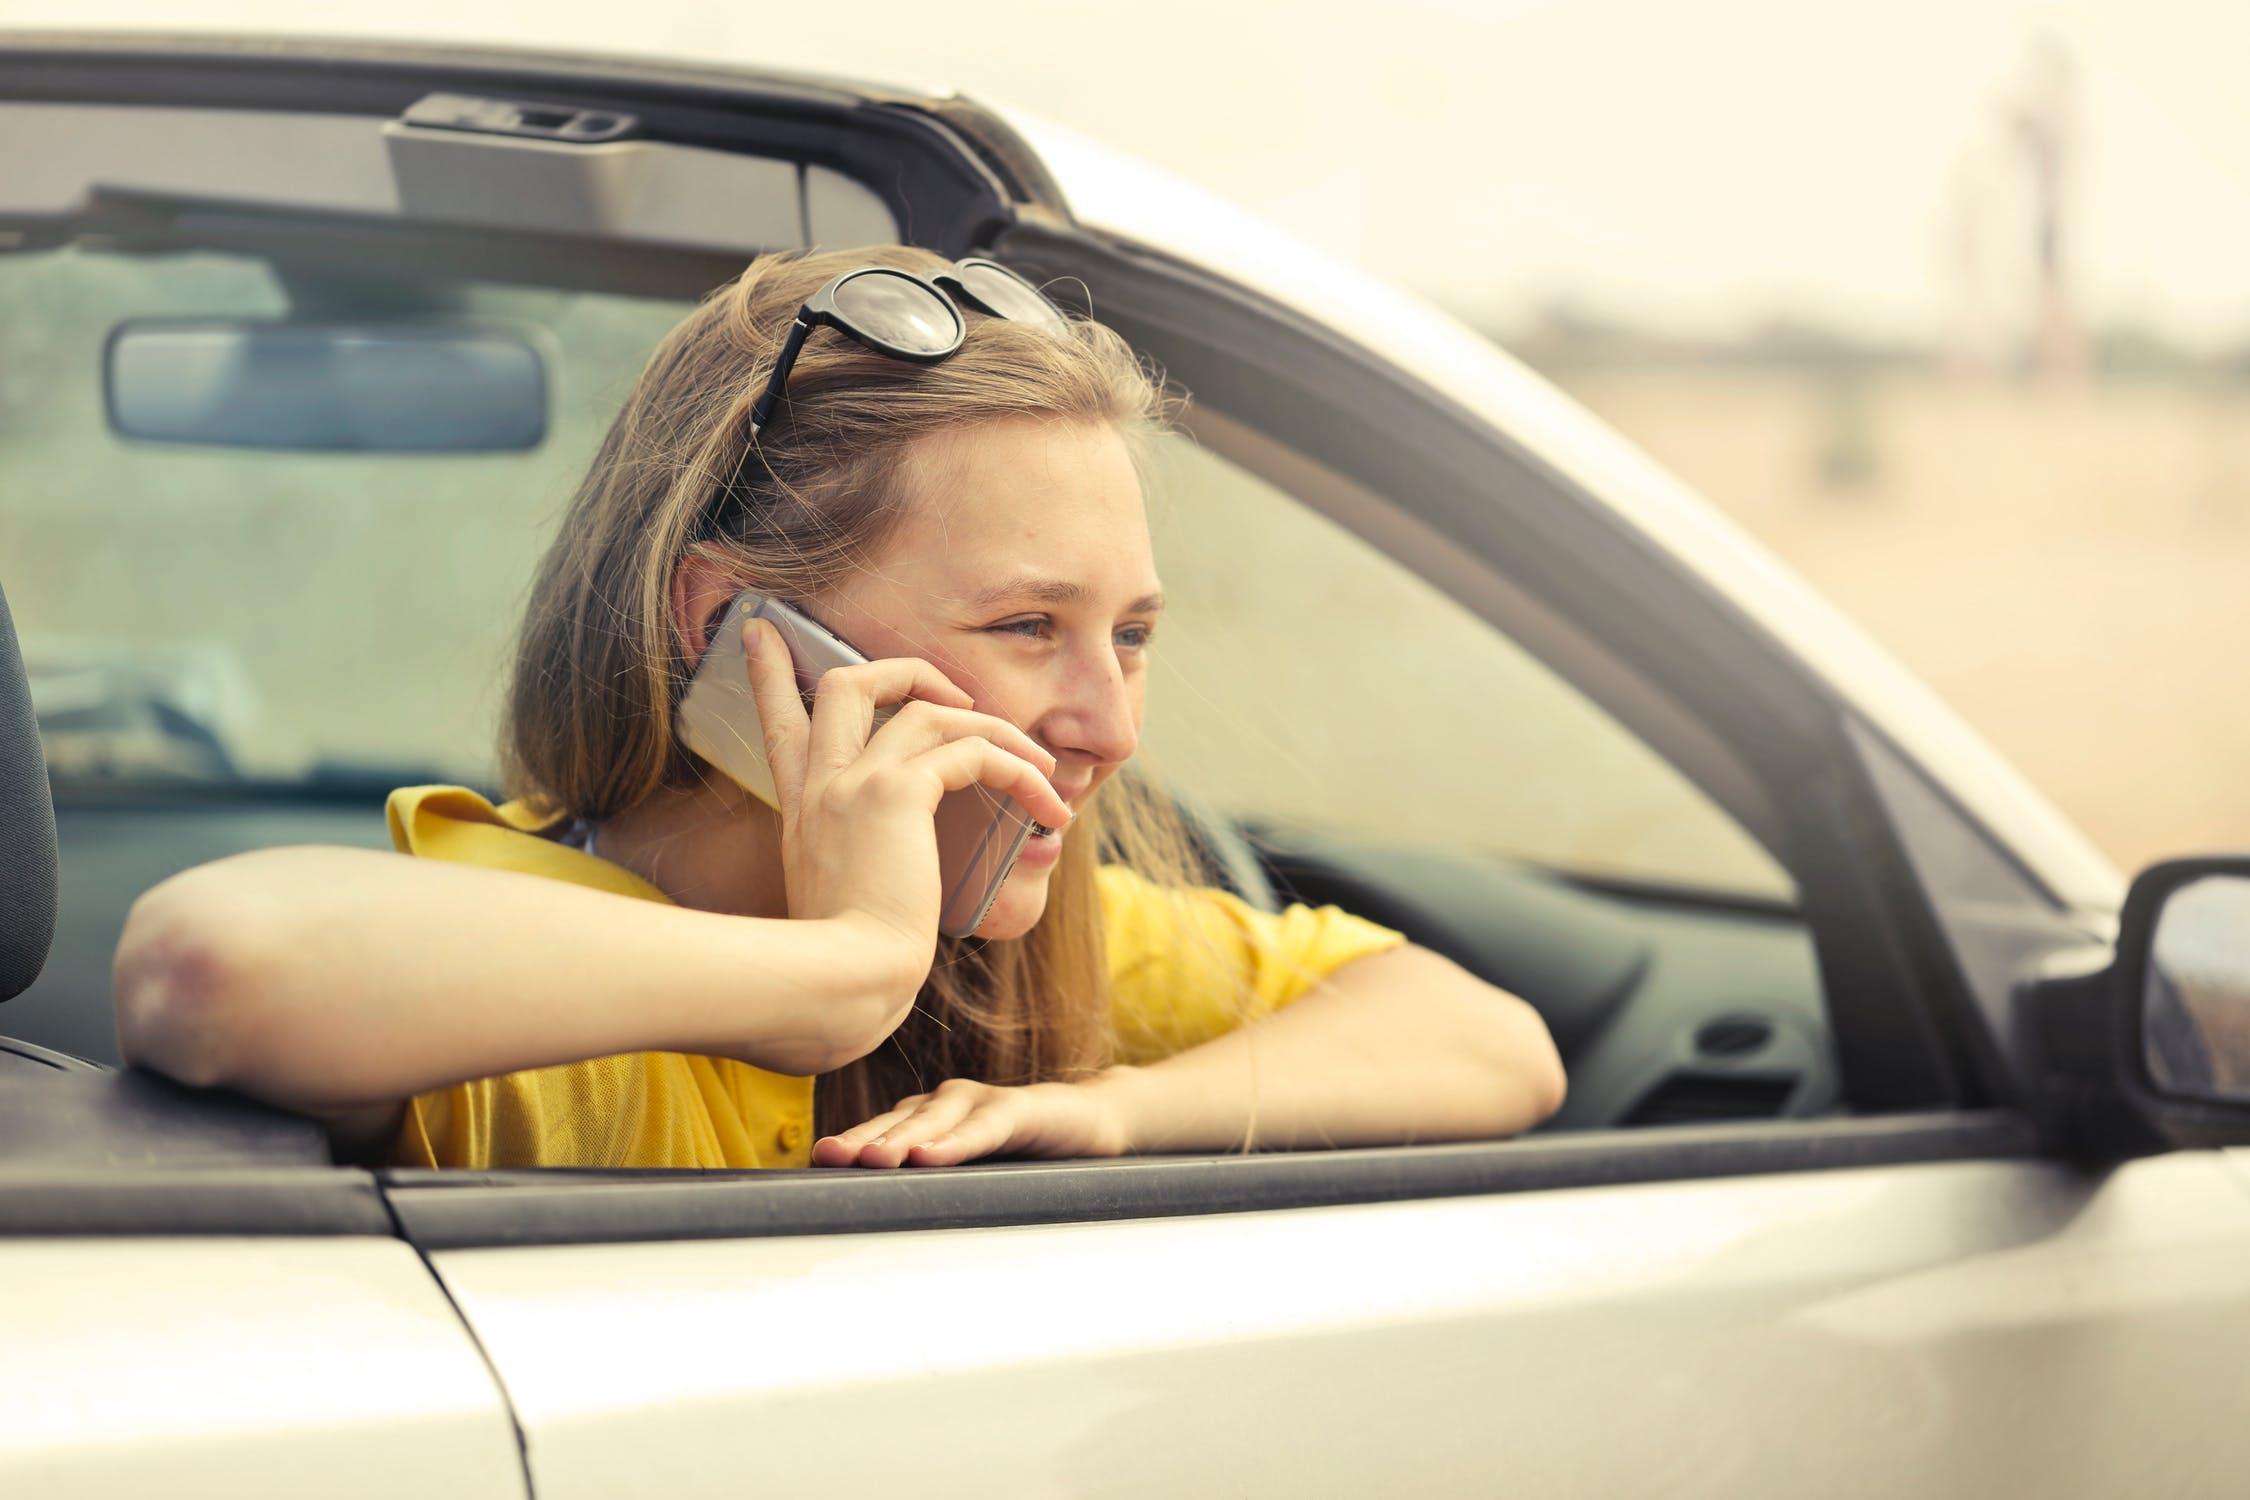 Foarte multe persoane considera ca inchirierea unei masini, este o alegere mai inteleapta decat conducerea propriului vehicul pe drumuri lungi. Unul dintre motivele principale este evitarea uzurii. Un alt factor este acela ca adaugarea de kilometri in odometrul propriu al vehiculului, poate reduce valoarea acestuia. Poti economisi bani prin inchirierea unei masini care are un consum mai bun, mai mult spatiu si alte caracteristici de siguranta, in comparatie cu propria masina. Oricare ar fi motivul pentru care doresti sa pleci la drum lung - fie ca vizitezi prieteni si rude, pleci in interes de serviciu sau pur si simplu vrei sa te bucuri de o vacanta - ar fi bine sa iei in considerare inchirierea unei masini de la rodnarentacar.ro decat sa conduci propriul vehicul. Iata cateva motive pentru care inchirierea unei masini pentru o calatorie este o alegere buna: Eviti daunele si uzura masinii tale Drumurile lungi pot aduce diverse daune masinii tale, ceea ce inseamna reparatii costisitoare. Poate ca vehiculul tau nu este suficient de fiabil, iar in acest caz inchirierea unei masini este cea mai buna optiune. Vehiculele mai vechi sunt mai predispuse la avarie. O masina inchiriata este supusa unor verificari periodice, iar firmele de rent a car dispun de cele mai noi modele de masini. Daca vrei sa eviti daunele si uzura masinii proprii, inchirierea unui vehicul este alegerea ideala. Economisesti bani Poti economisi bani daca inchiriezi o masina mai eficienta din punct de vedere al consumului de combustibil. Desigur, acest lucru va depinde de disponibilitatea masinii, precum si de pretul de inchiriere pe care il poti obtine. Companiile de inchiriere de masini ofera si produse de protectie care pot fi achizitionate la un cost suplimentar. Cu cat calatoria este mai lunga, cu atat esti mai predispus sa fii implicat intr-un accident. Te vei simti mai protejat folosind o masina inchiriata decat propriul vehicul, stiind ca asigurarea va acoperi cheltuielile partiale sau chiar co